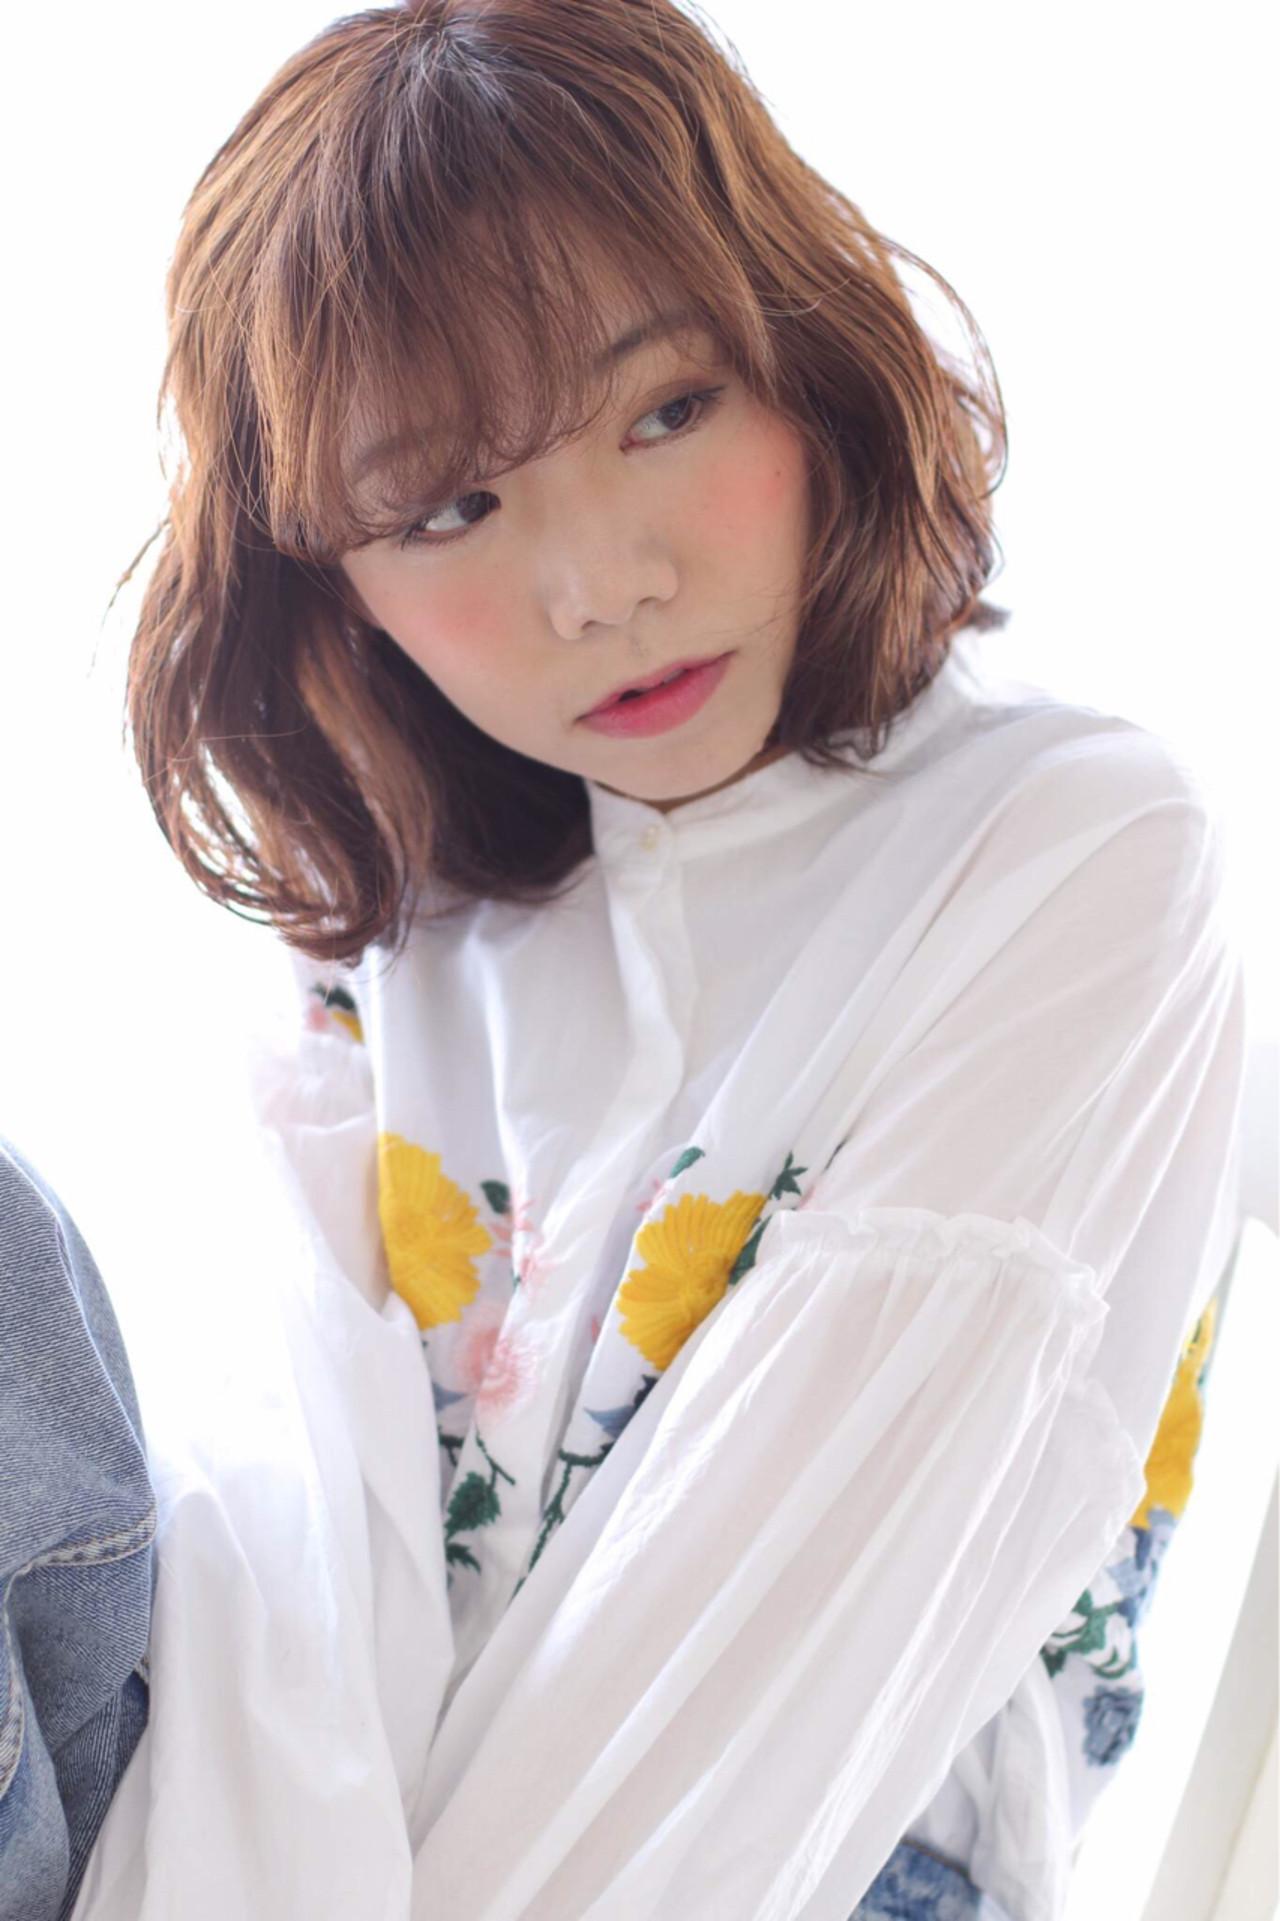 ナチュラル ミルクティー 色気 デート ヘアスタイルや髪型の写真・画像 | risa /